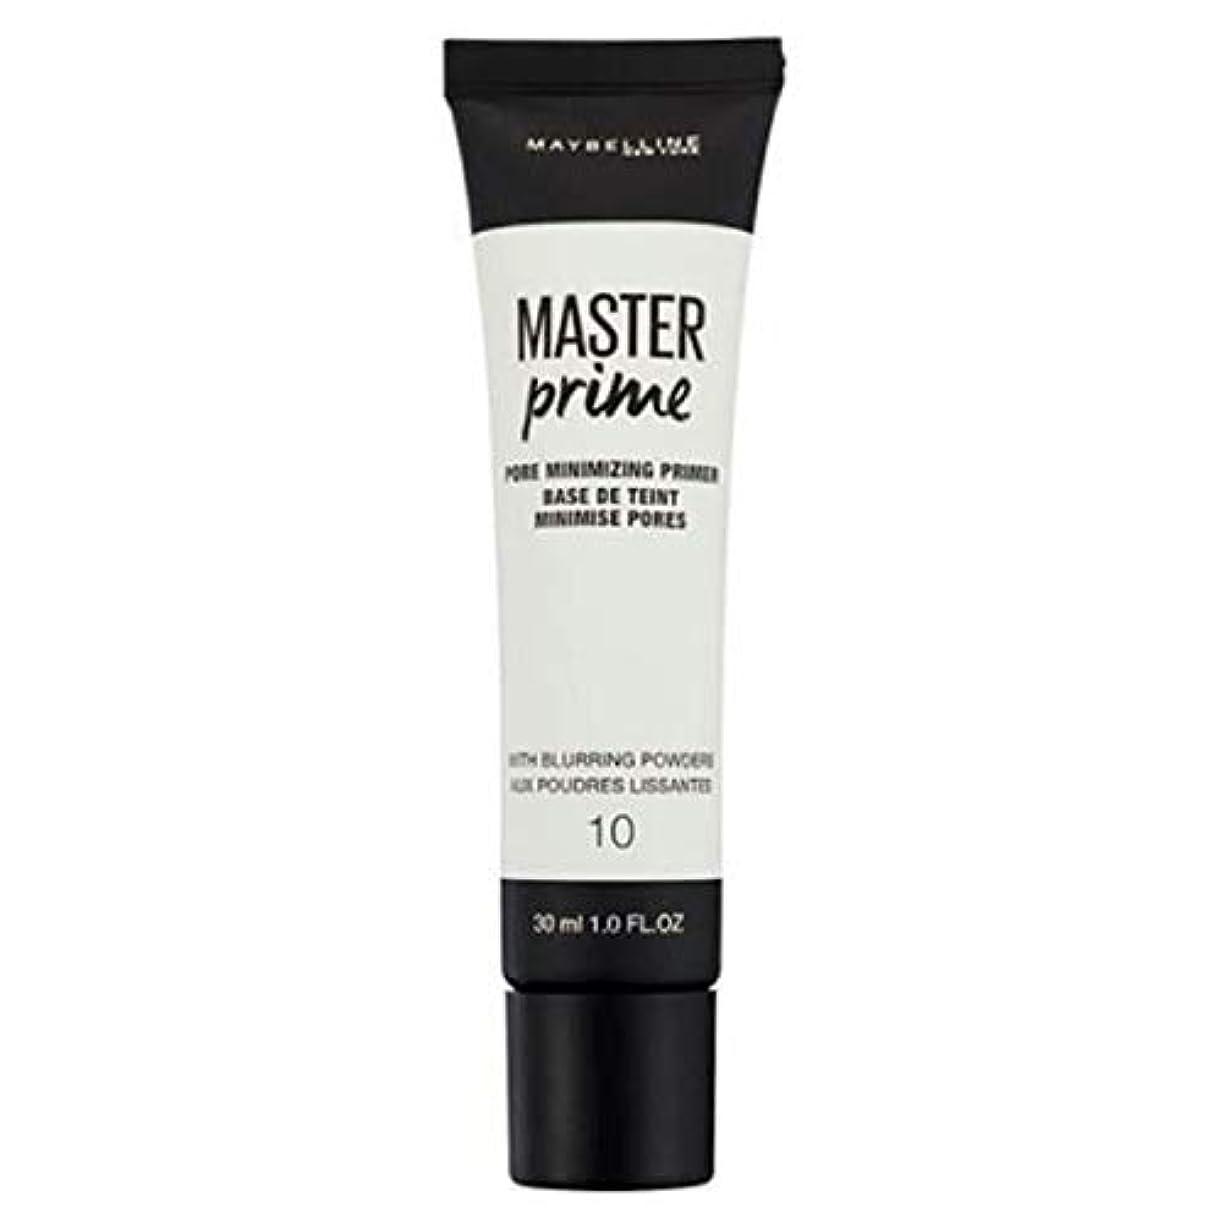 ドライバ相対サイズ教師の日[Maybelline ] メイベリンマスタープライム細孔最小限にプライマーをクリア10 - Maybelline Master Prime Pore Minimizing Primer Clear 10 [並行輸入品]